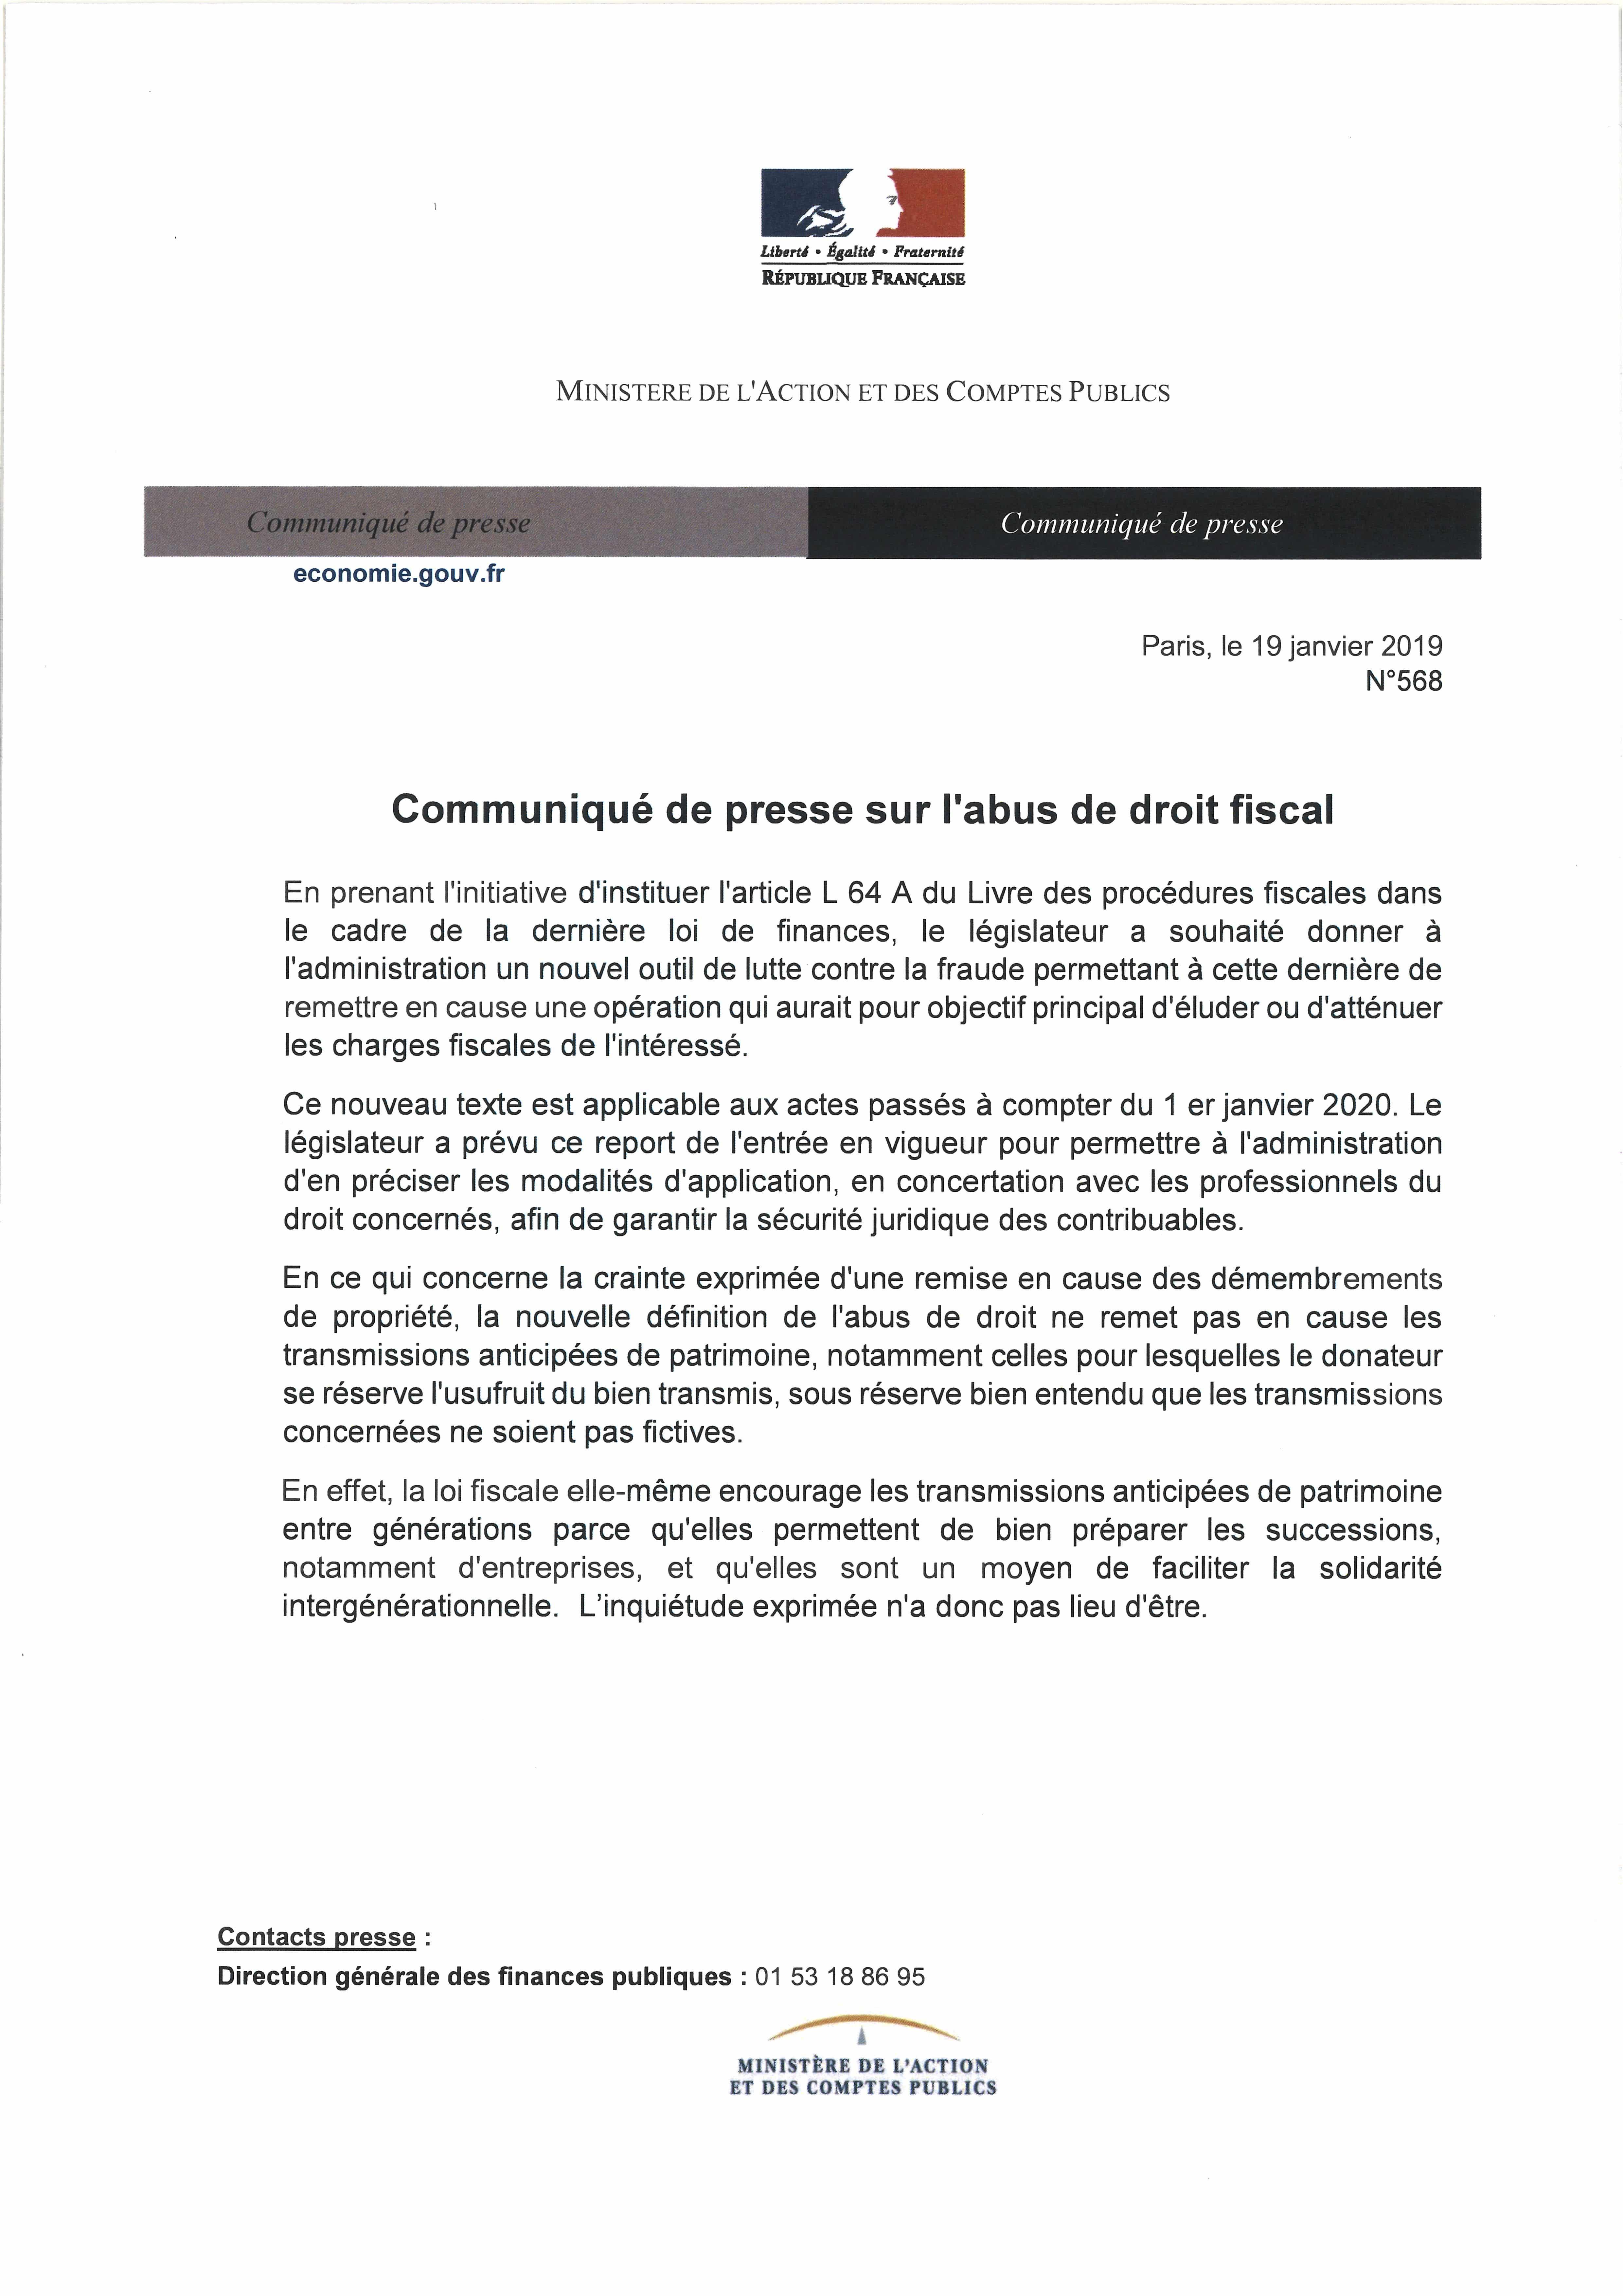 Communique De Presse Sur L Abus De Droit Fiscal Grand Est Avocats